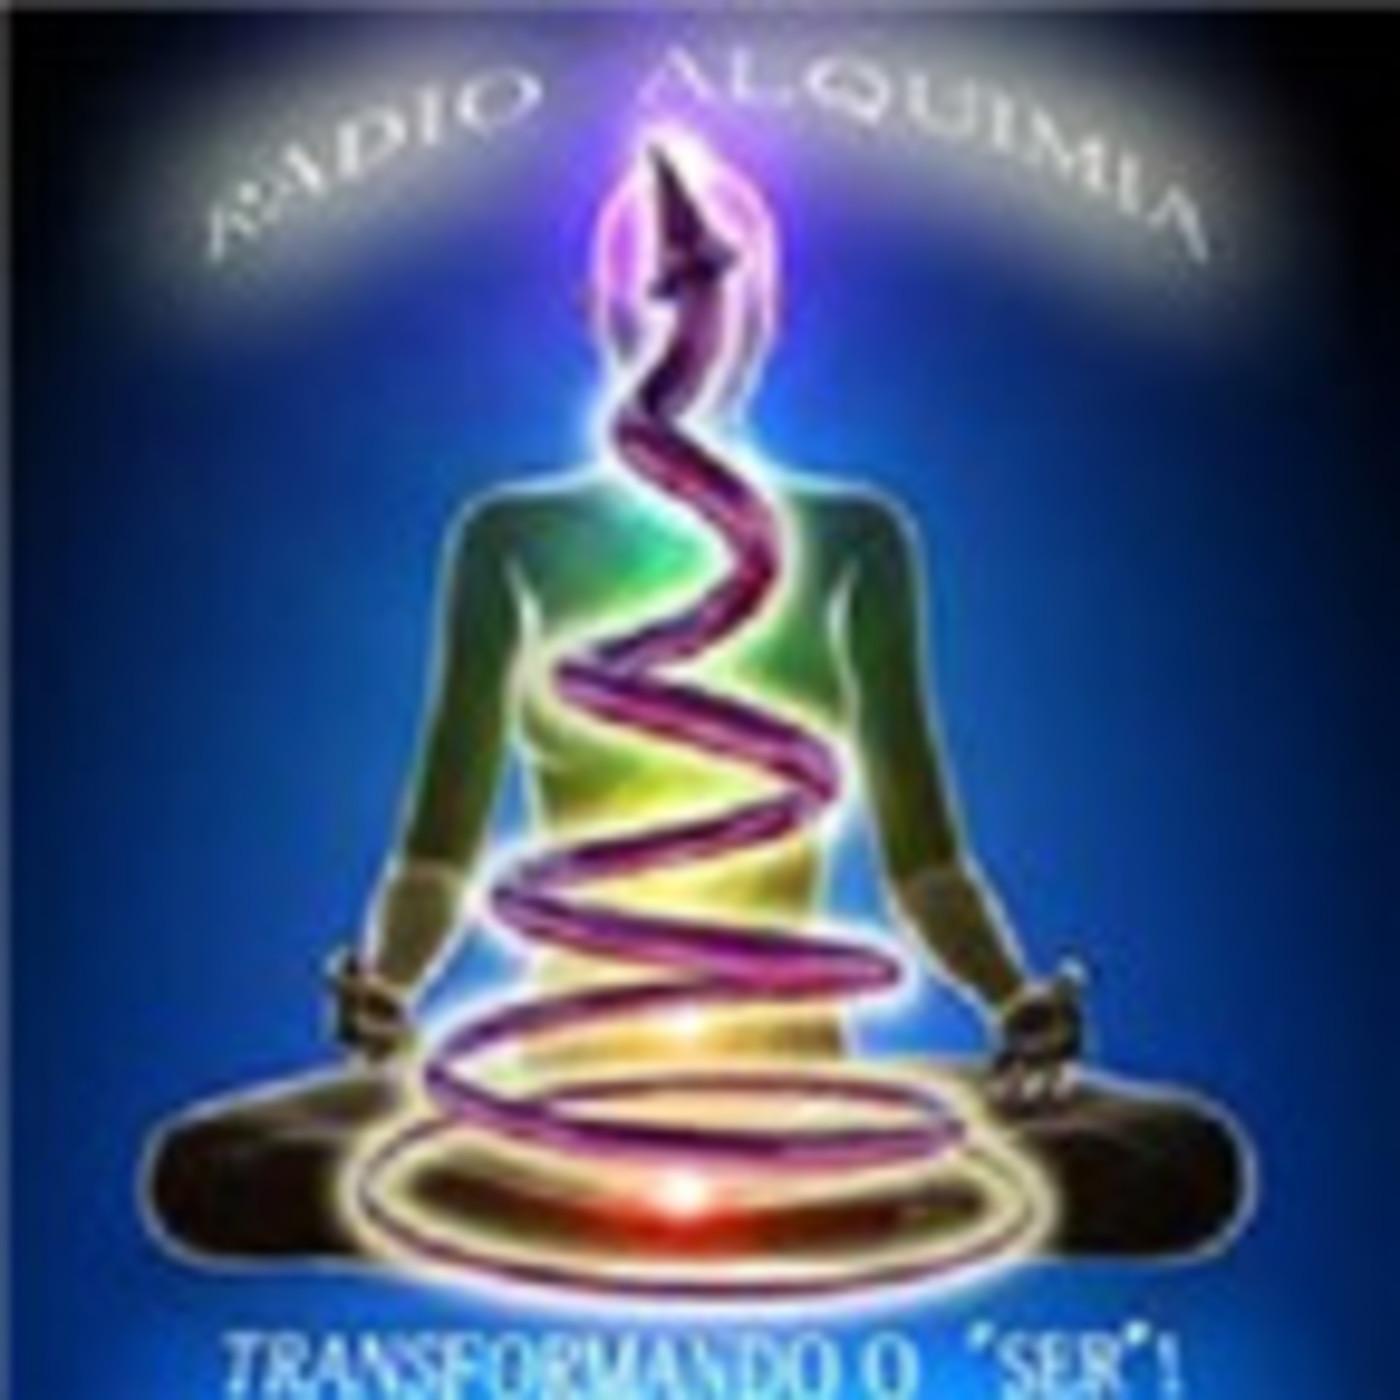 Radio Alquimia